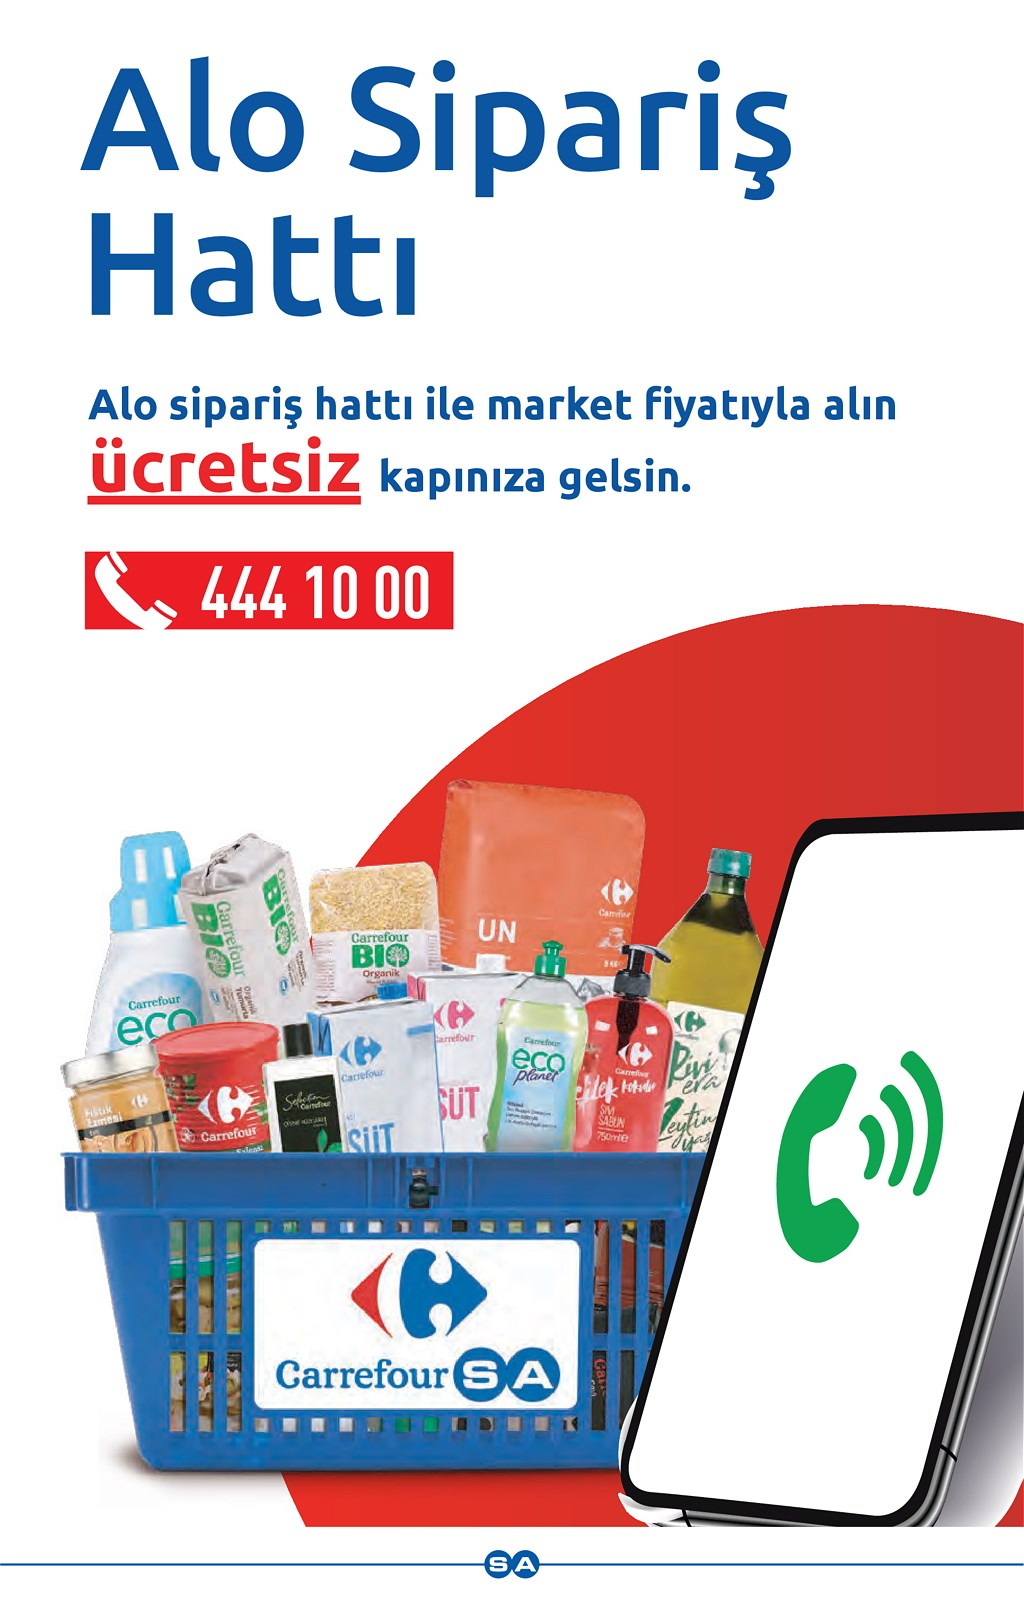 01.06.2021 CarrefourSA broşürü 60. sayfa